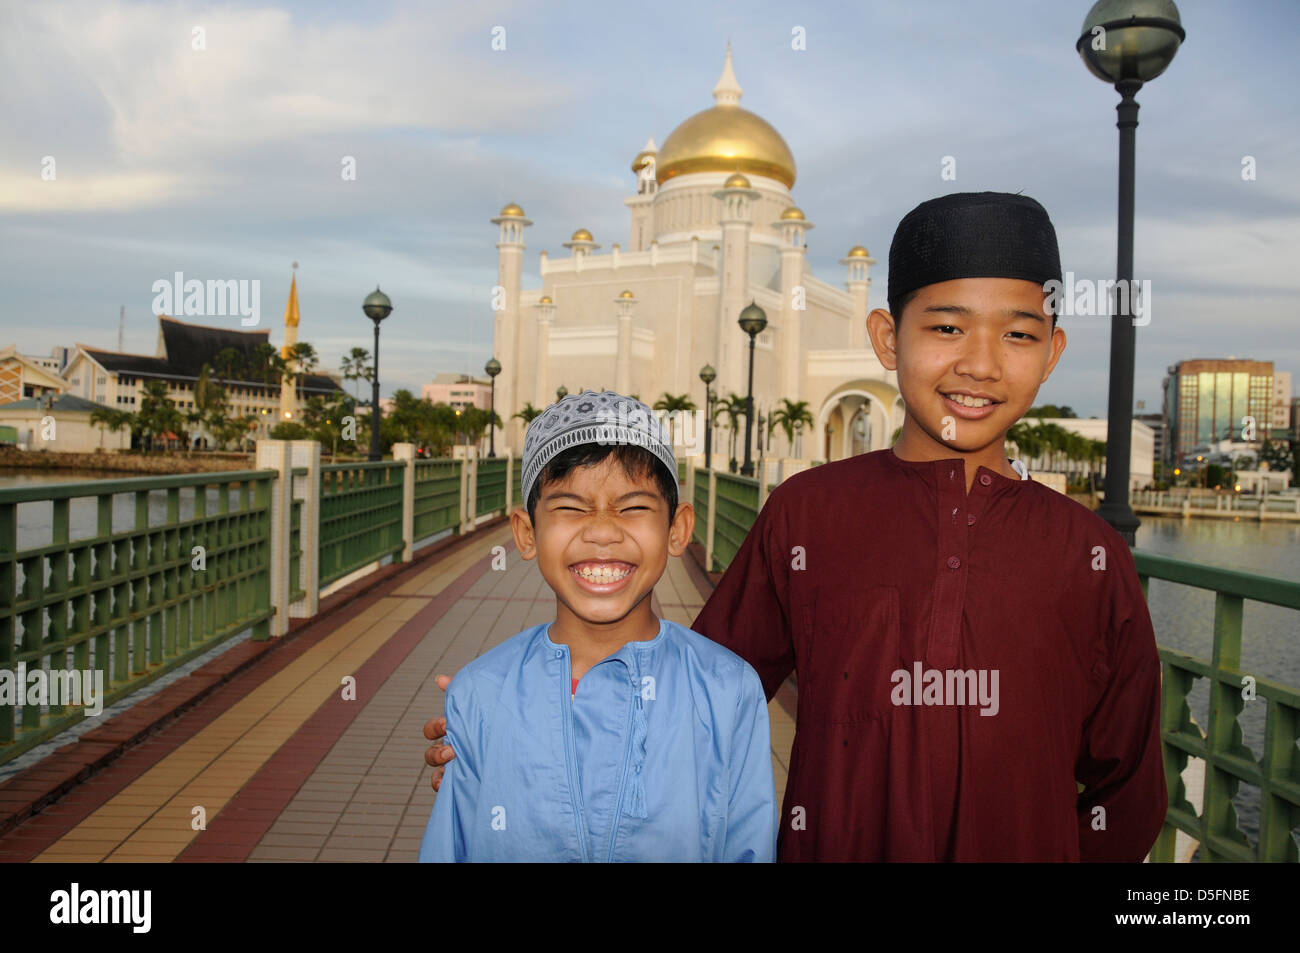 Friends in front of Sultan Omar Ali Saifuddin Mosque, - Stock Image